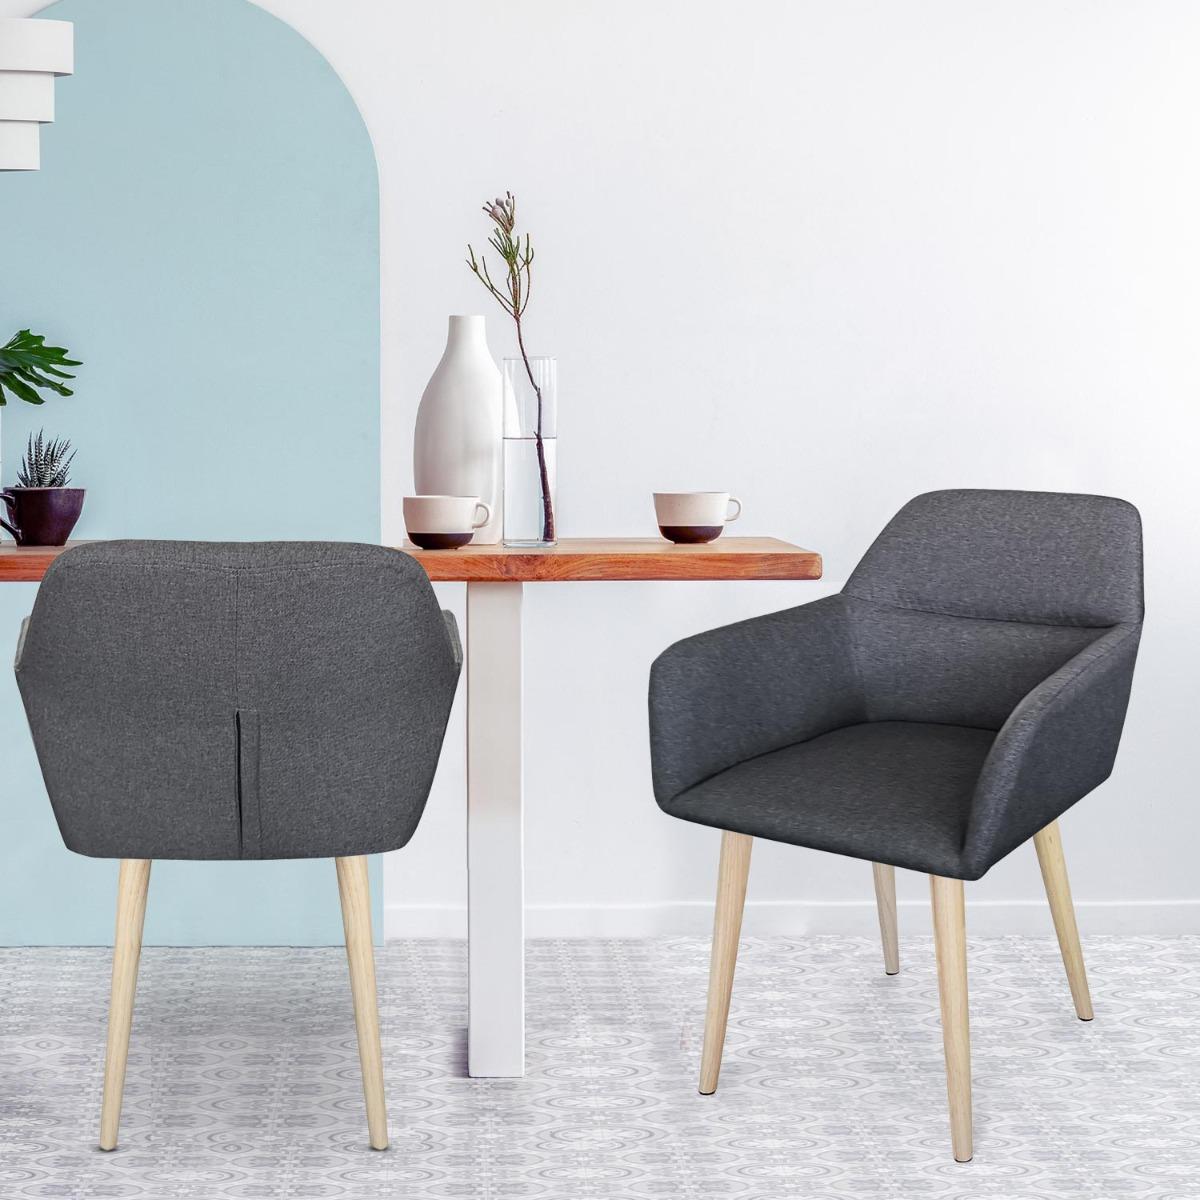 Scandinavische Fraydo stoel / fauteuil donkergrijze stof